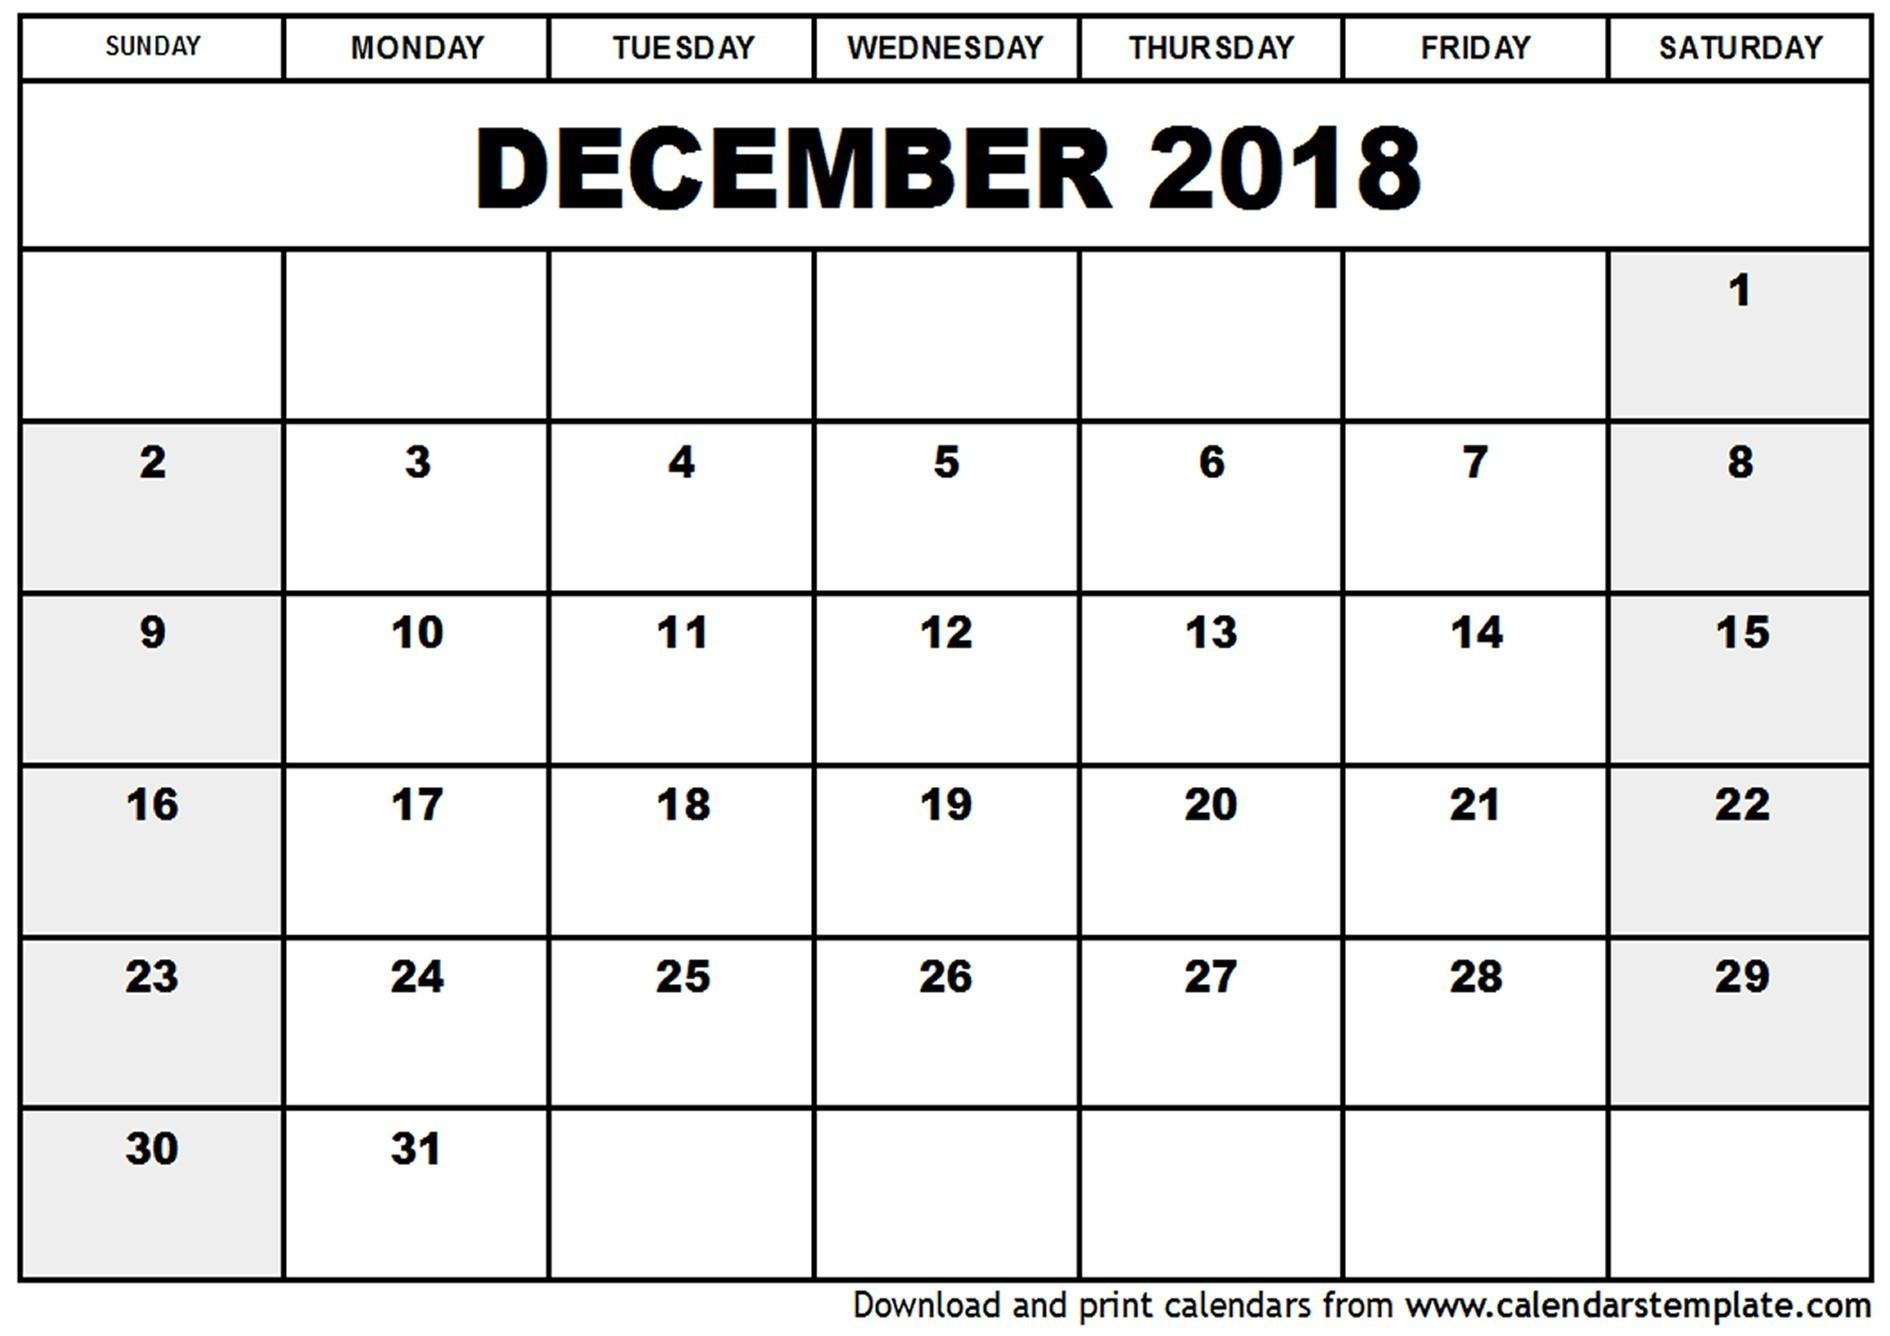 March Calendar 2019 Más Reciente Printable Julian Date Calendar 2019 Julian Calendar Printable Unique Of March Calendar 2019 Actual Gujarati Calendar 2019 Printable Printed for No Cost – Calendaro